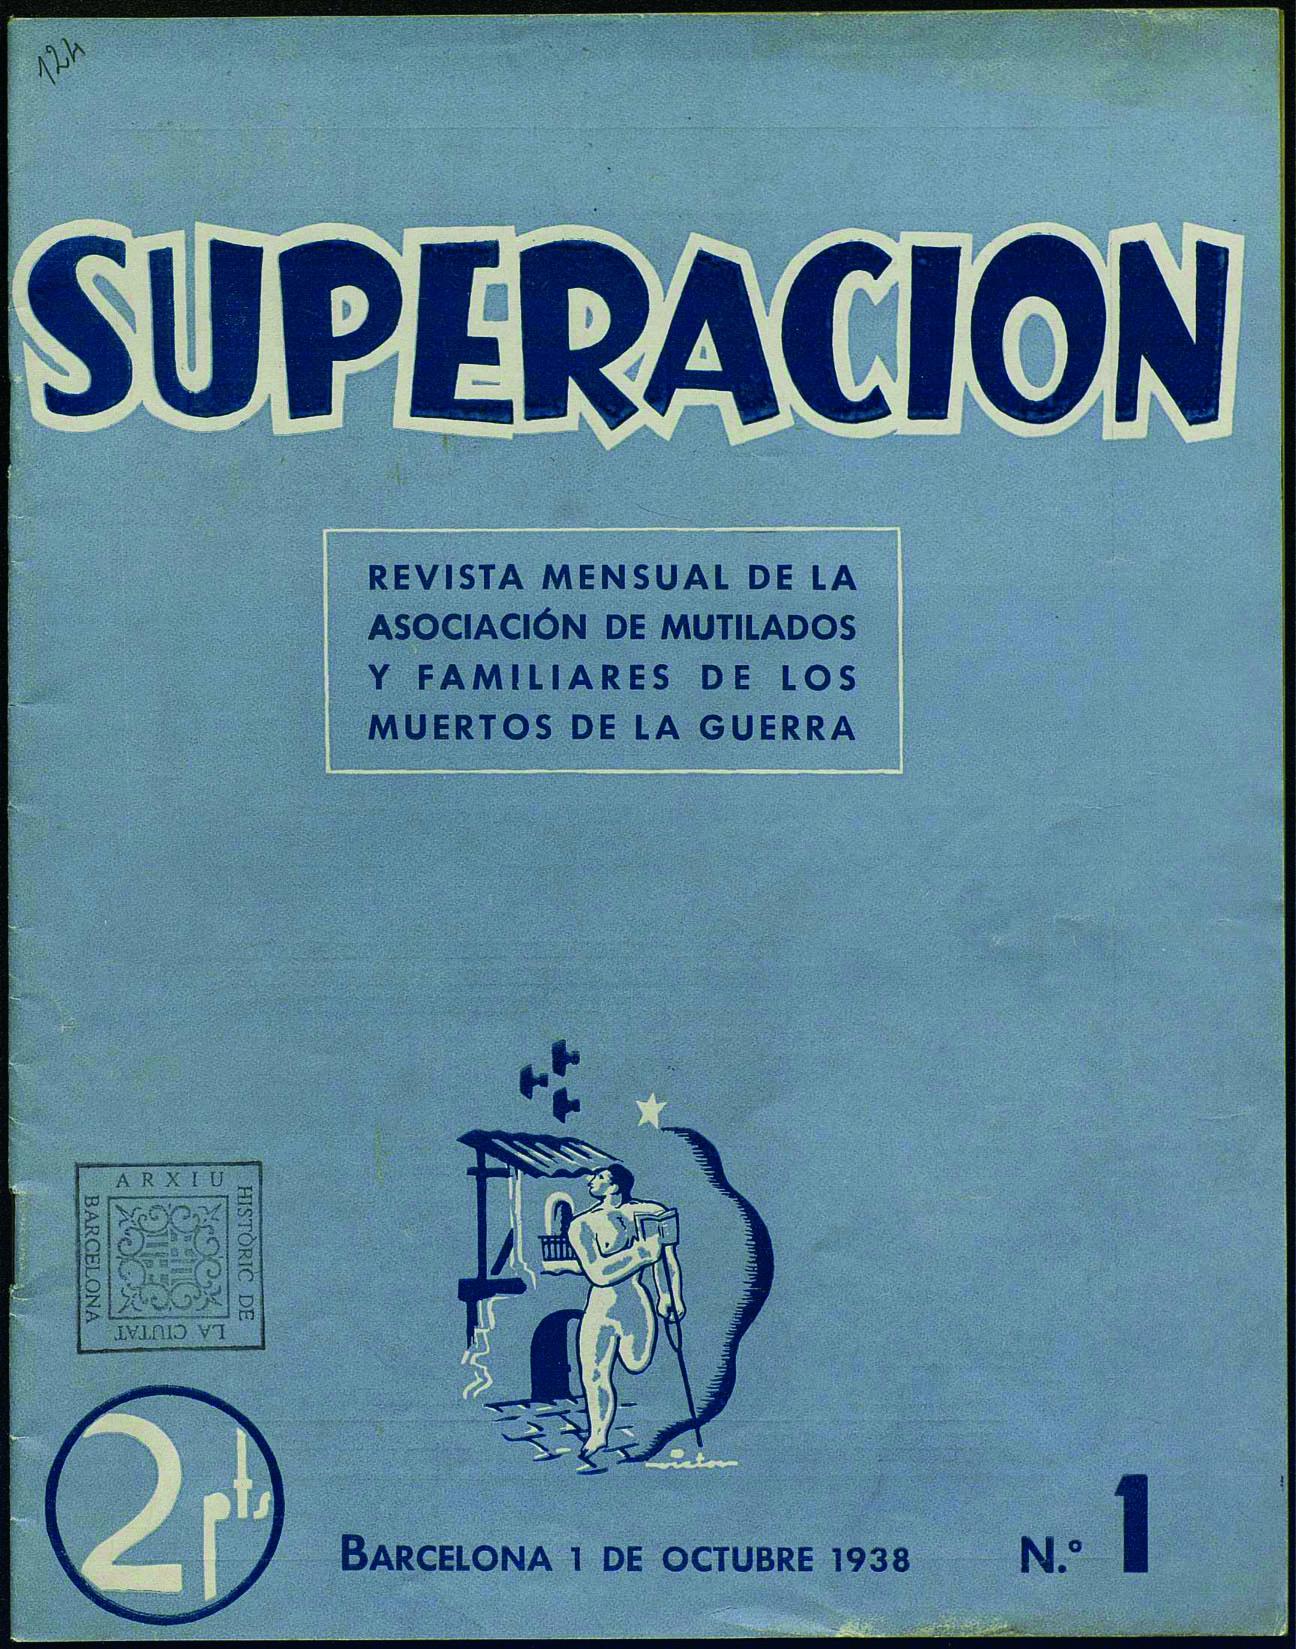 Superación: revista mensual de la Asociación de Mutilados y Familiares de los Muertos de la Guerra. Núm .1 (1 octubre 1938) portada